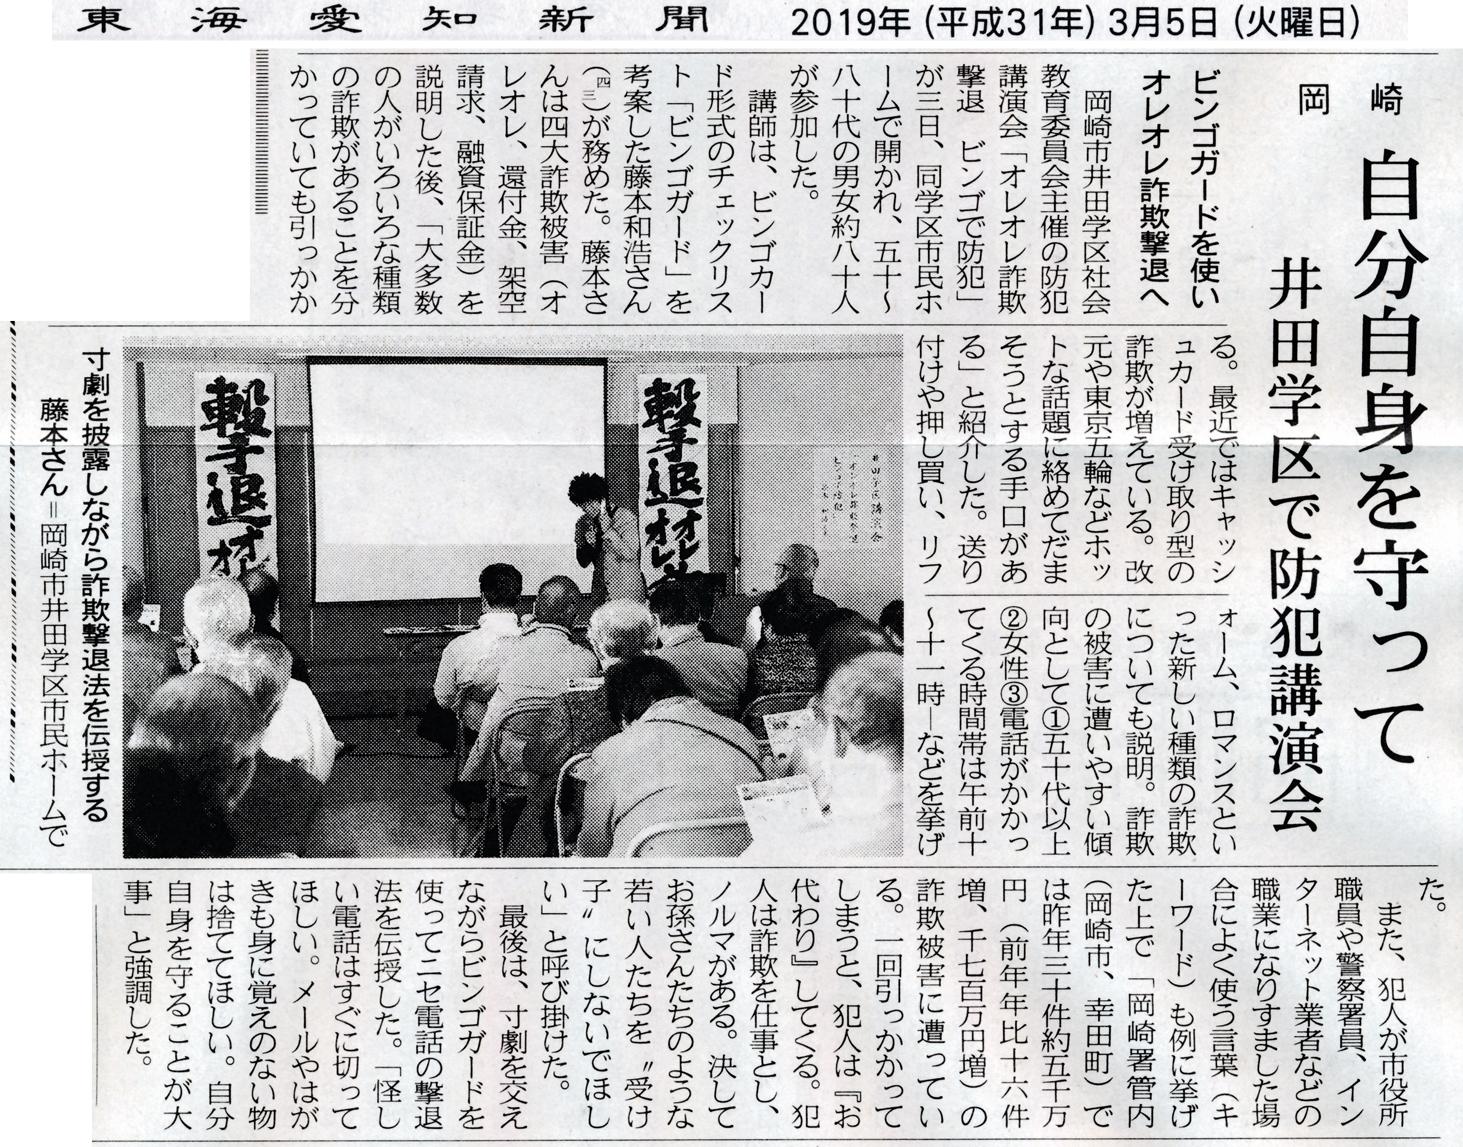 ガード大会の模様が東海愛知新聞さんに掲載されました。リニューアルしたての90分の勉強会。内容の濃さが伺える記事が書かれています。ありがとうございます。 #防災防犯マップ #ビンゴガイド #BingoGuard #MoaiDesign #モアイデザイン